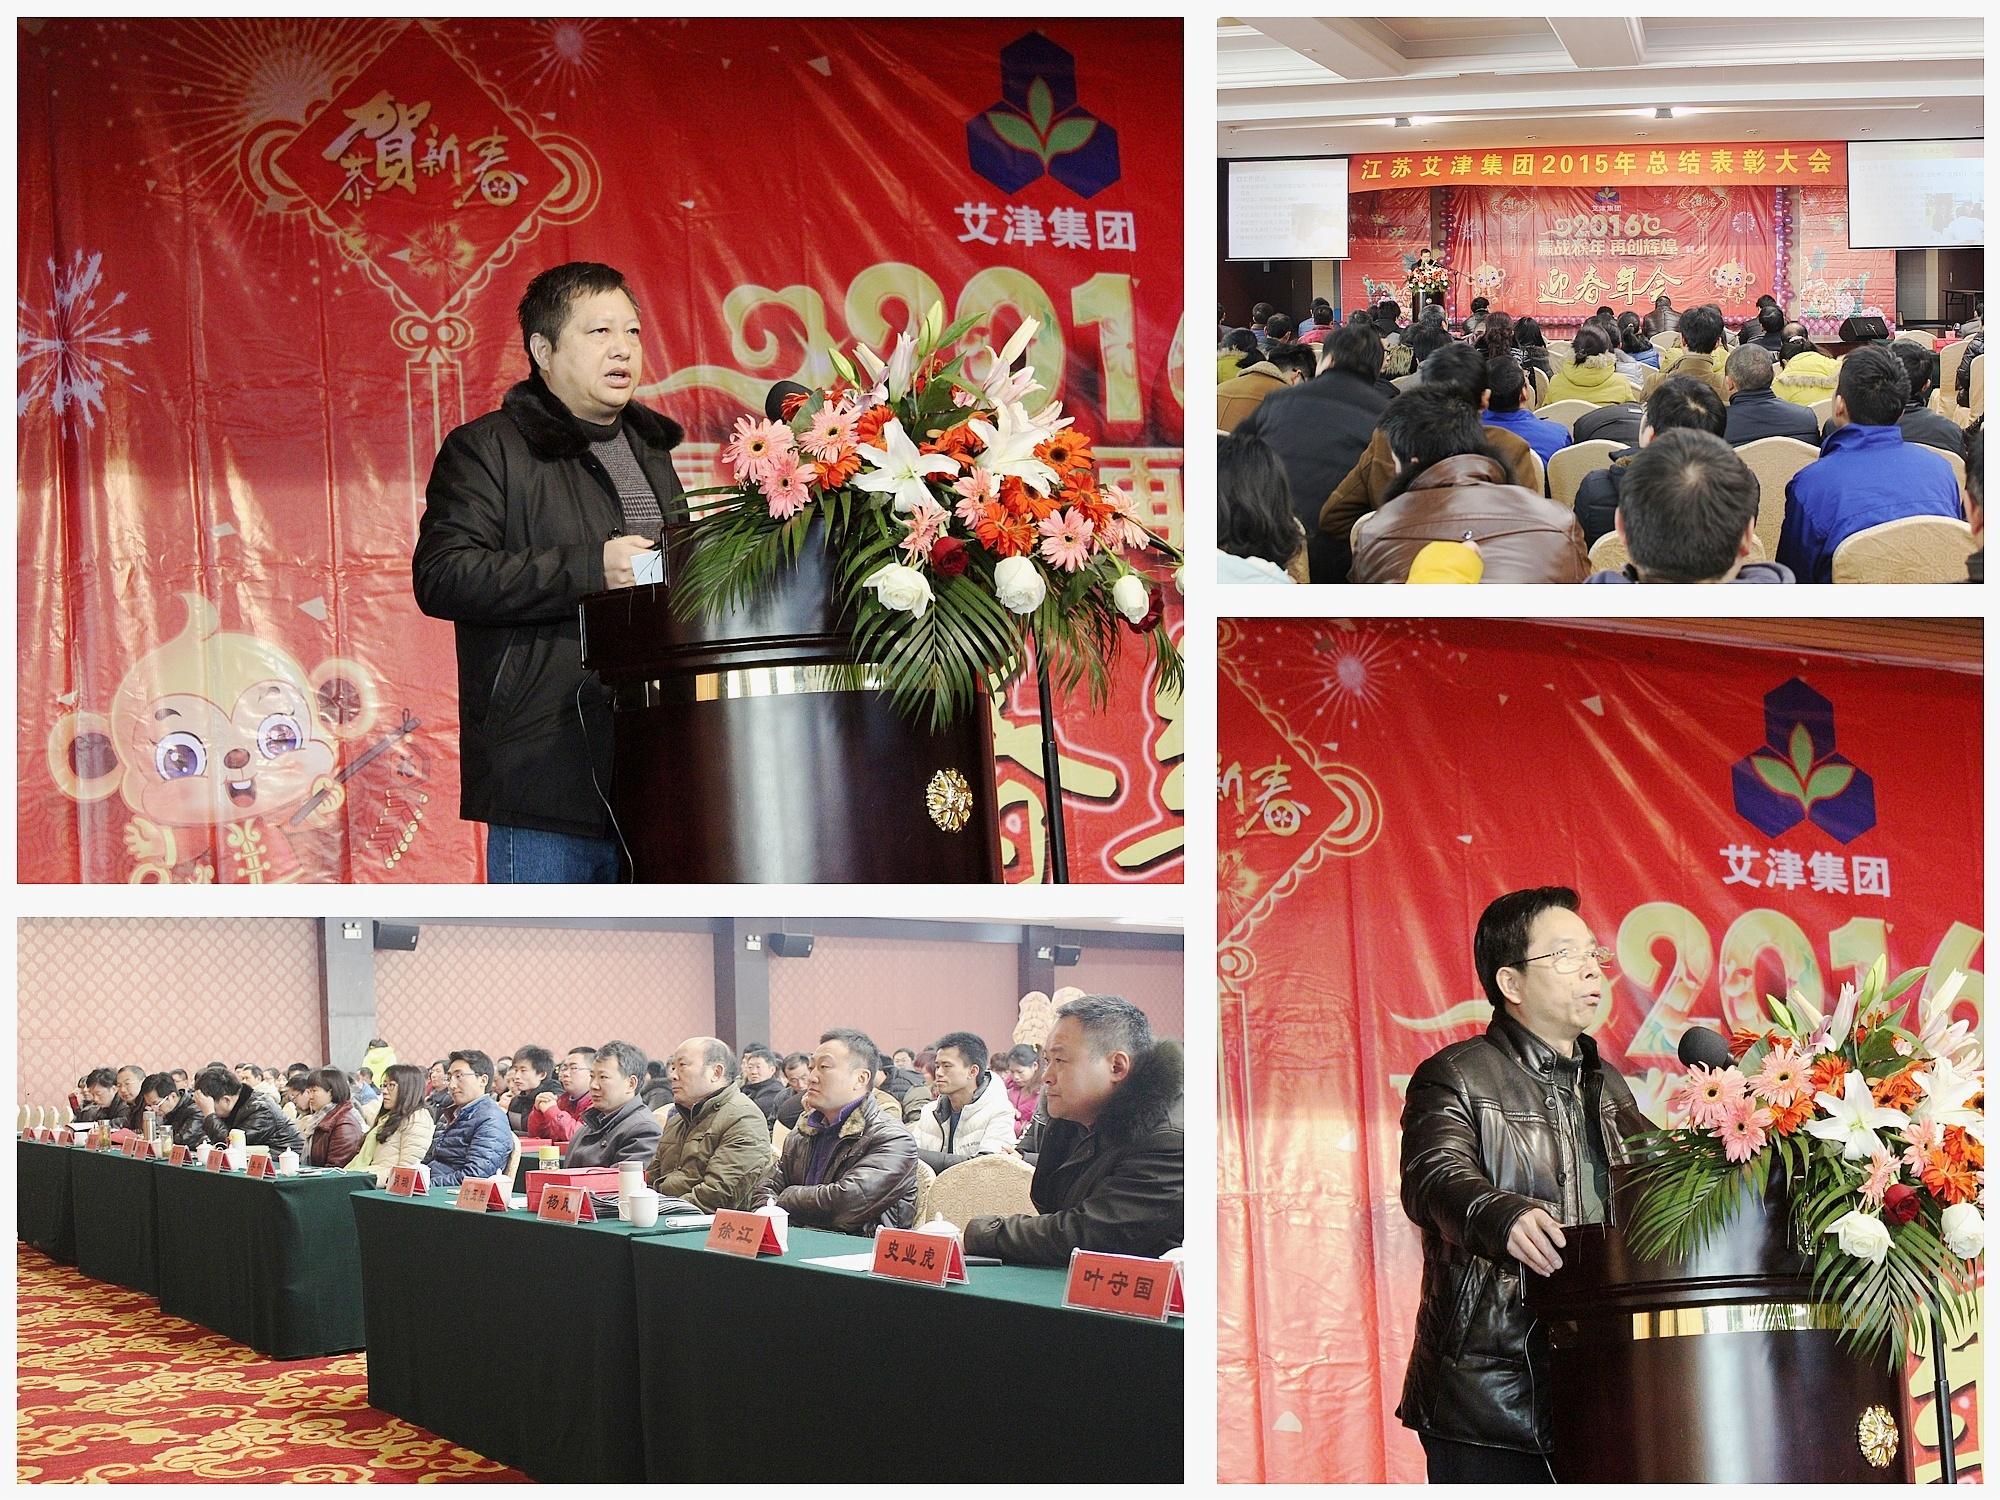 江苏艾津集团2015年终总结大会